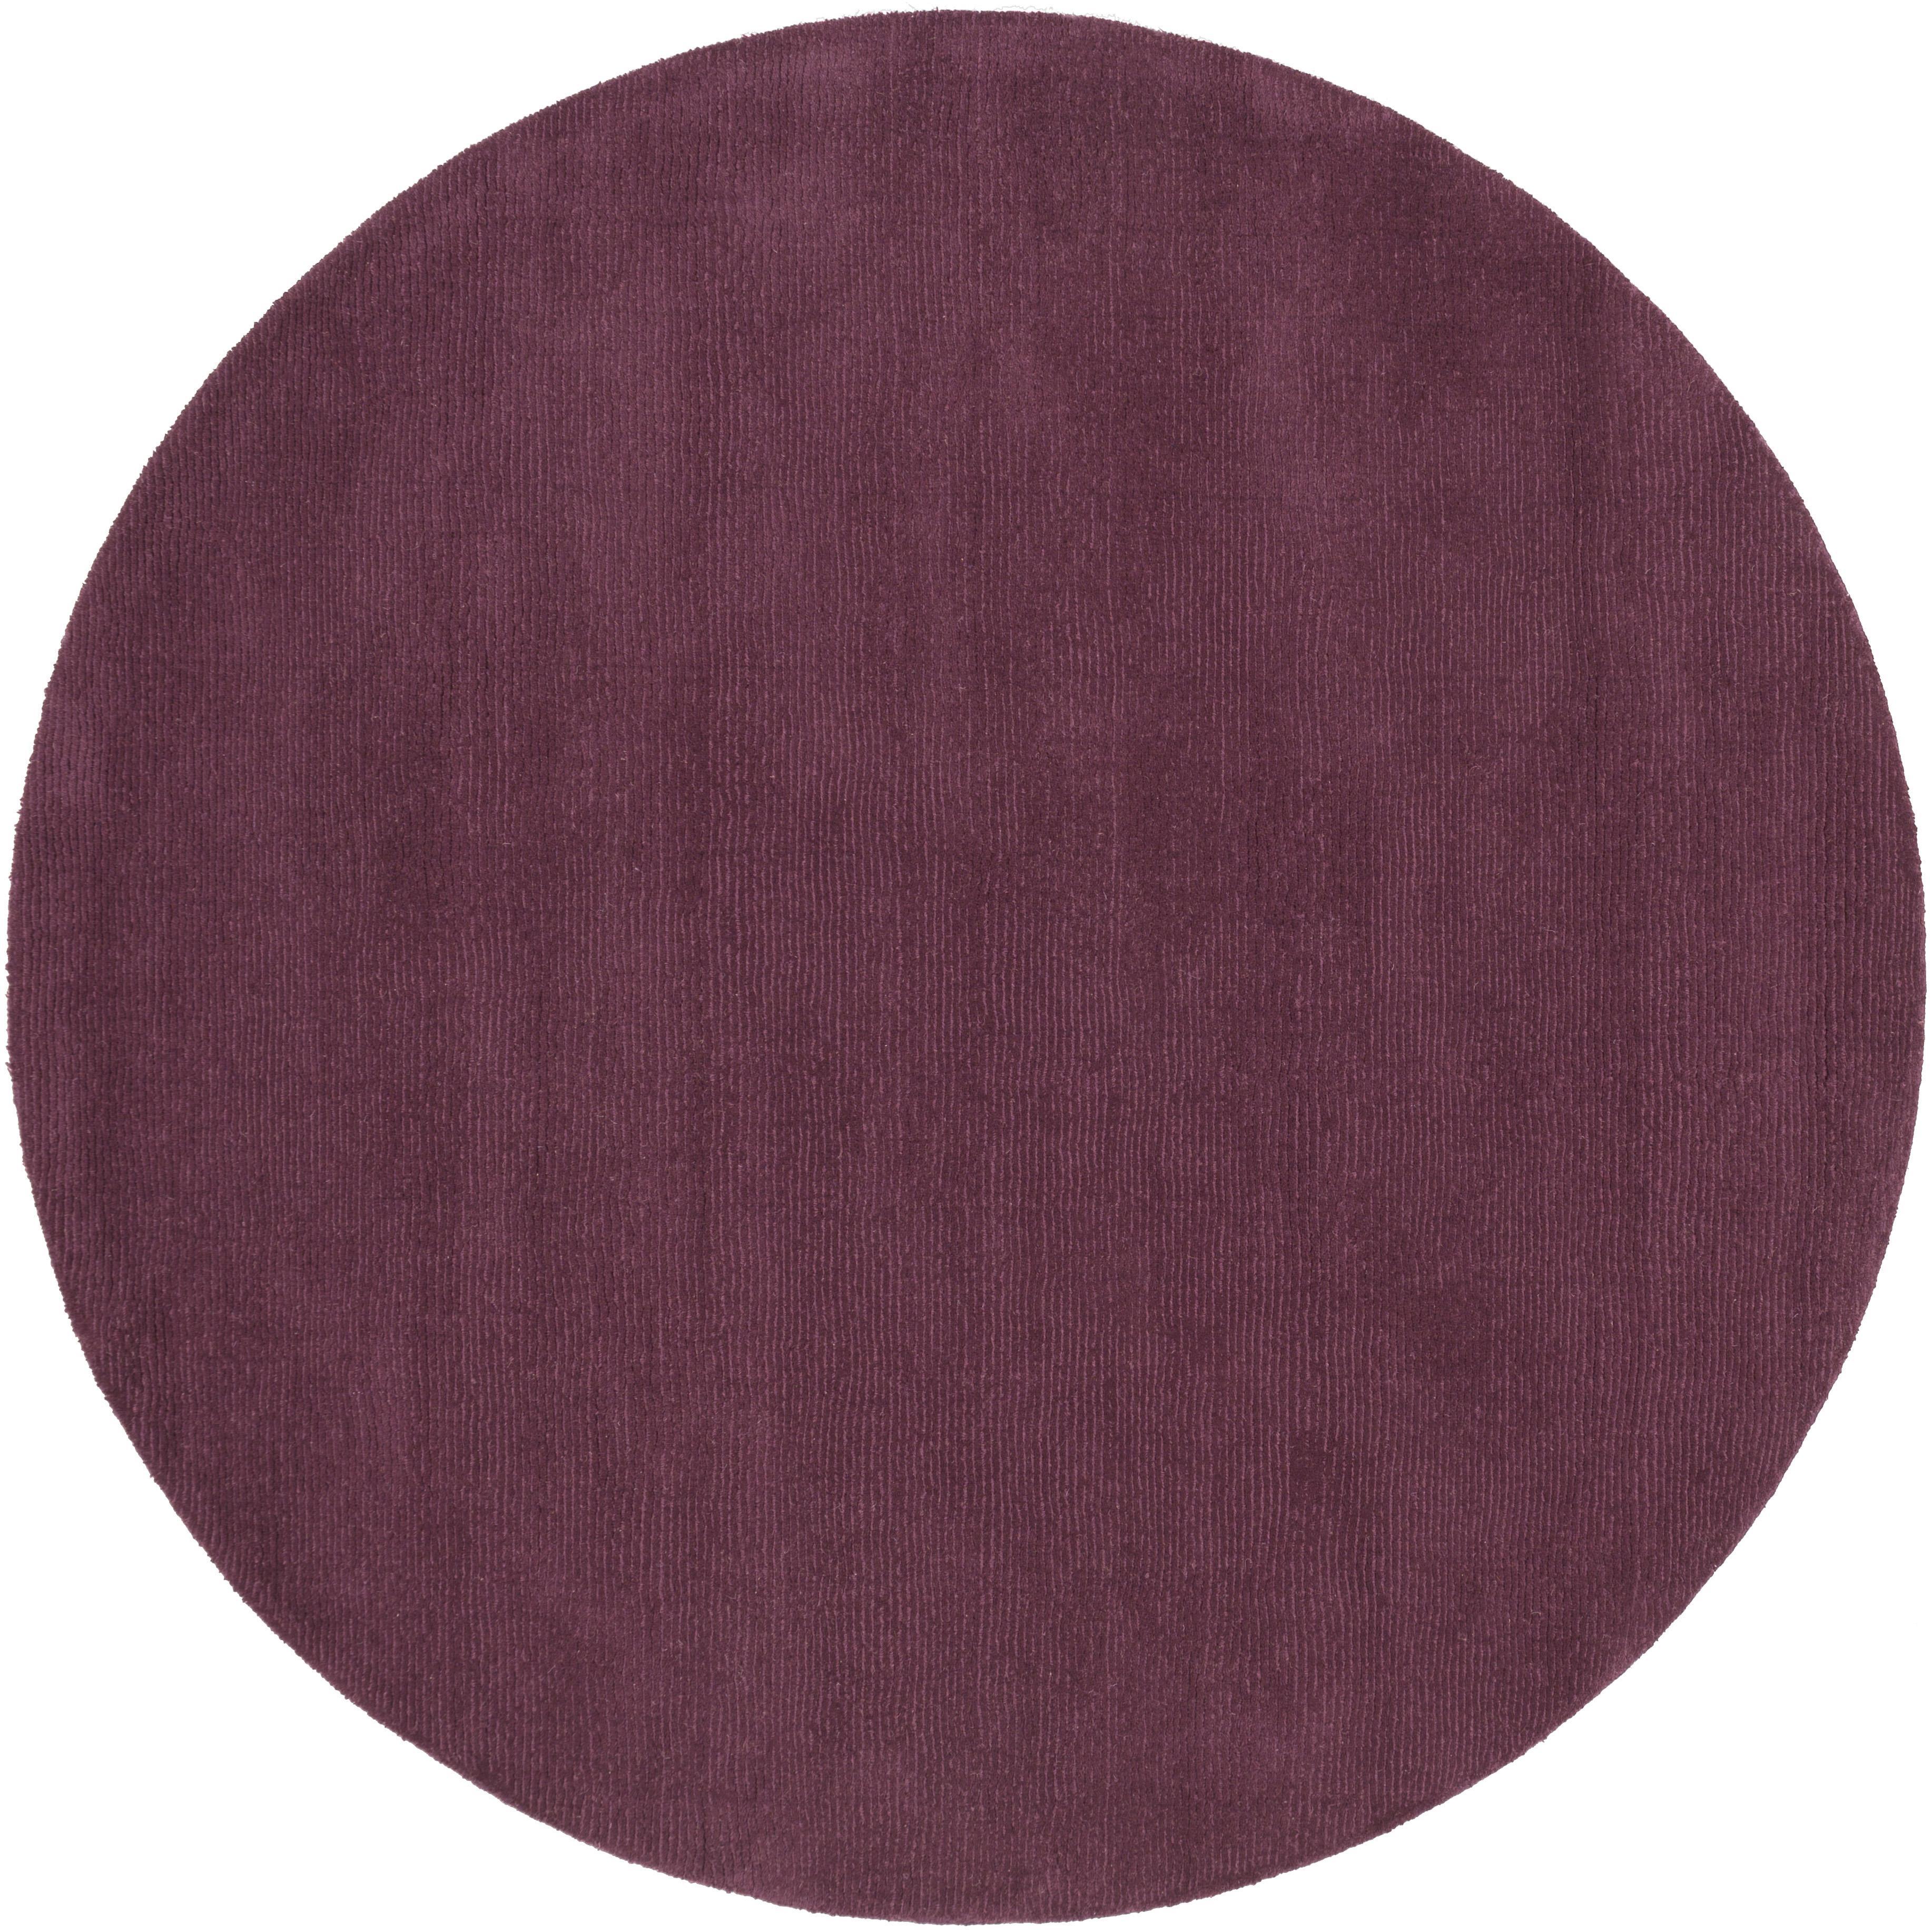 Surya Mystique 6' Round - Item Number: M5326-6RD